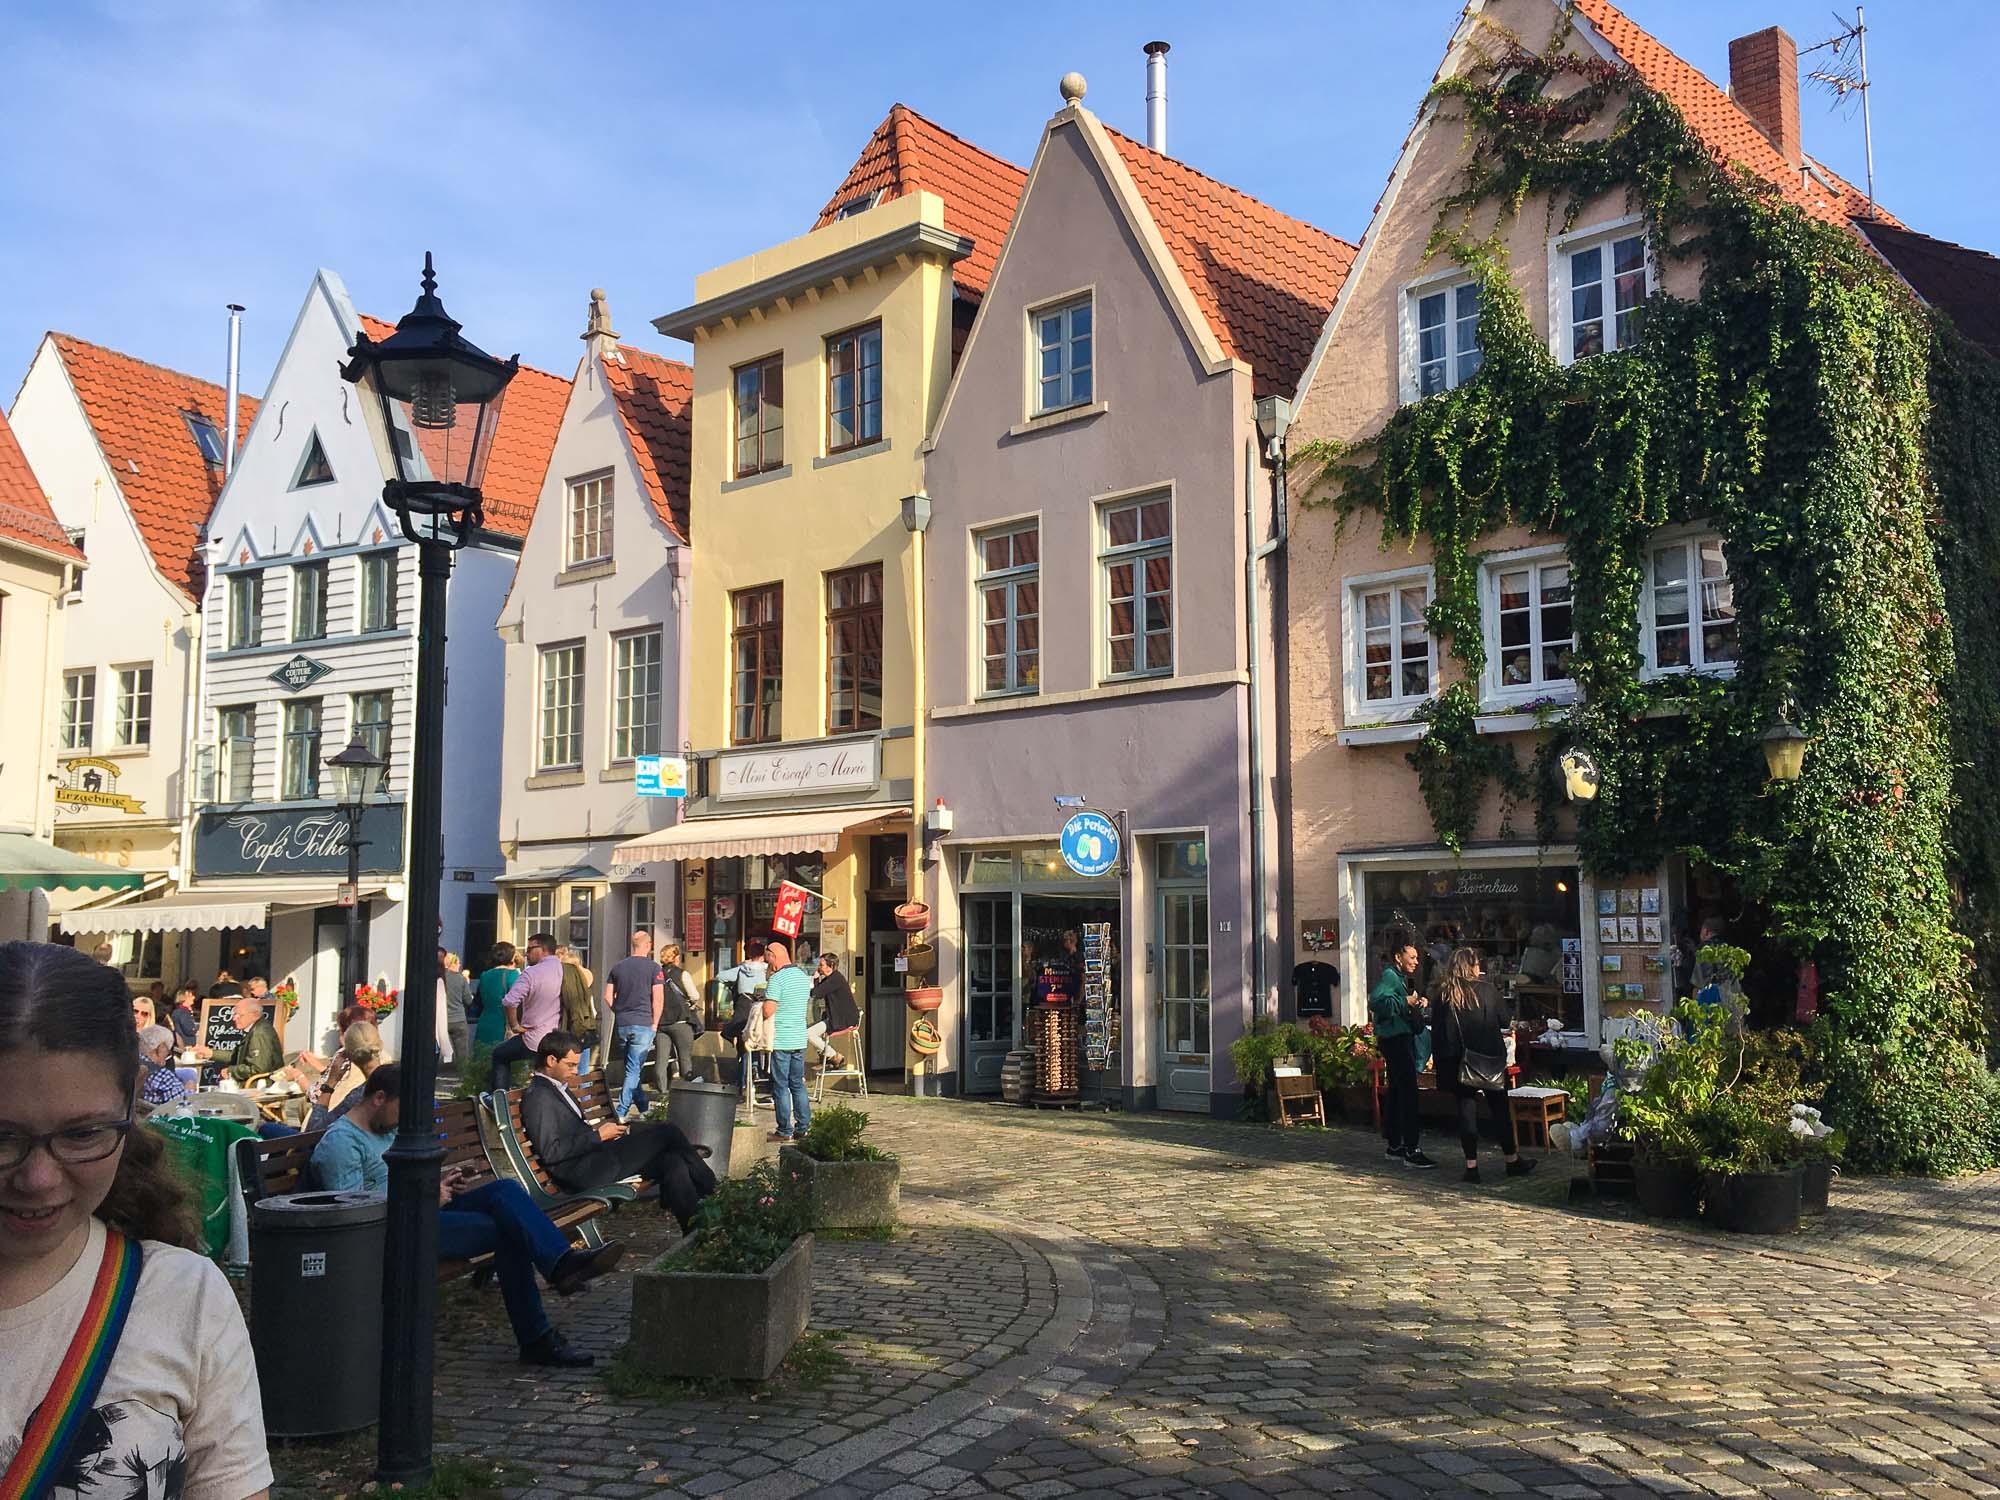 The Schnoor in Bremen, Germany.